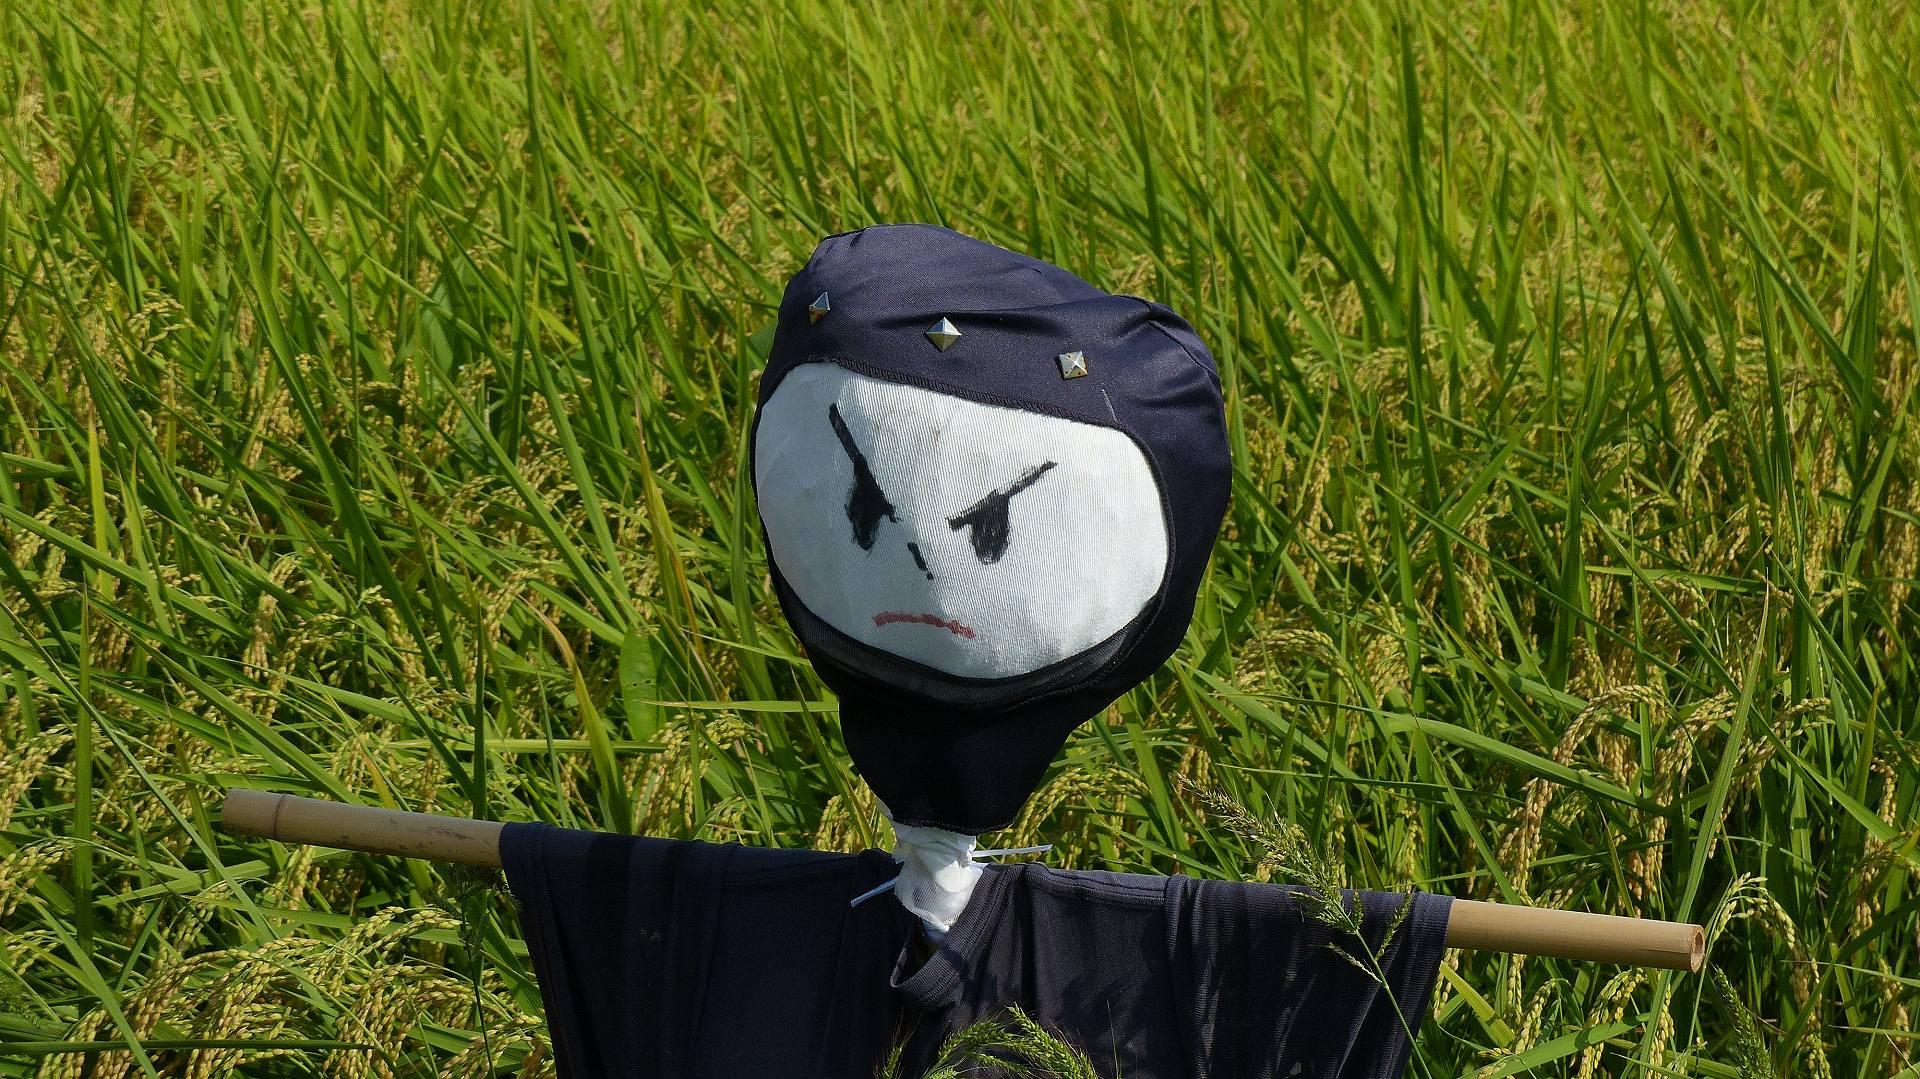 夏の尻尾と秋の実り 【 2016 9/10(土) 】_a0185081_19415856.jpg